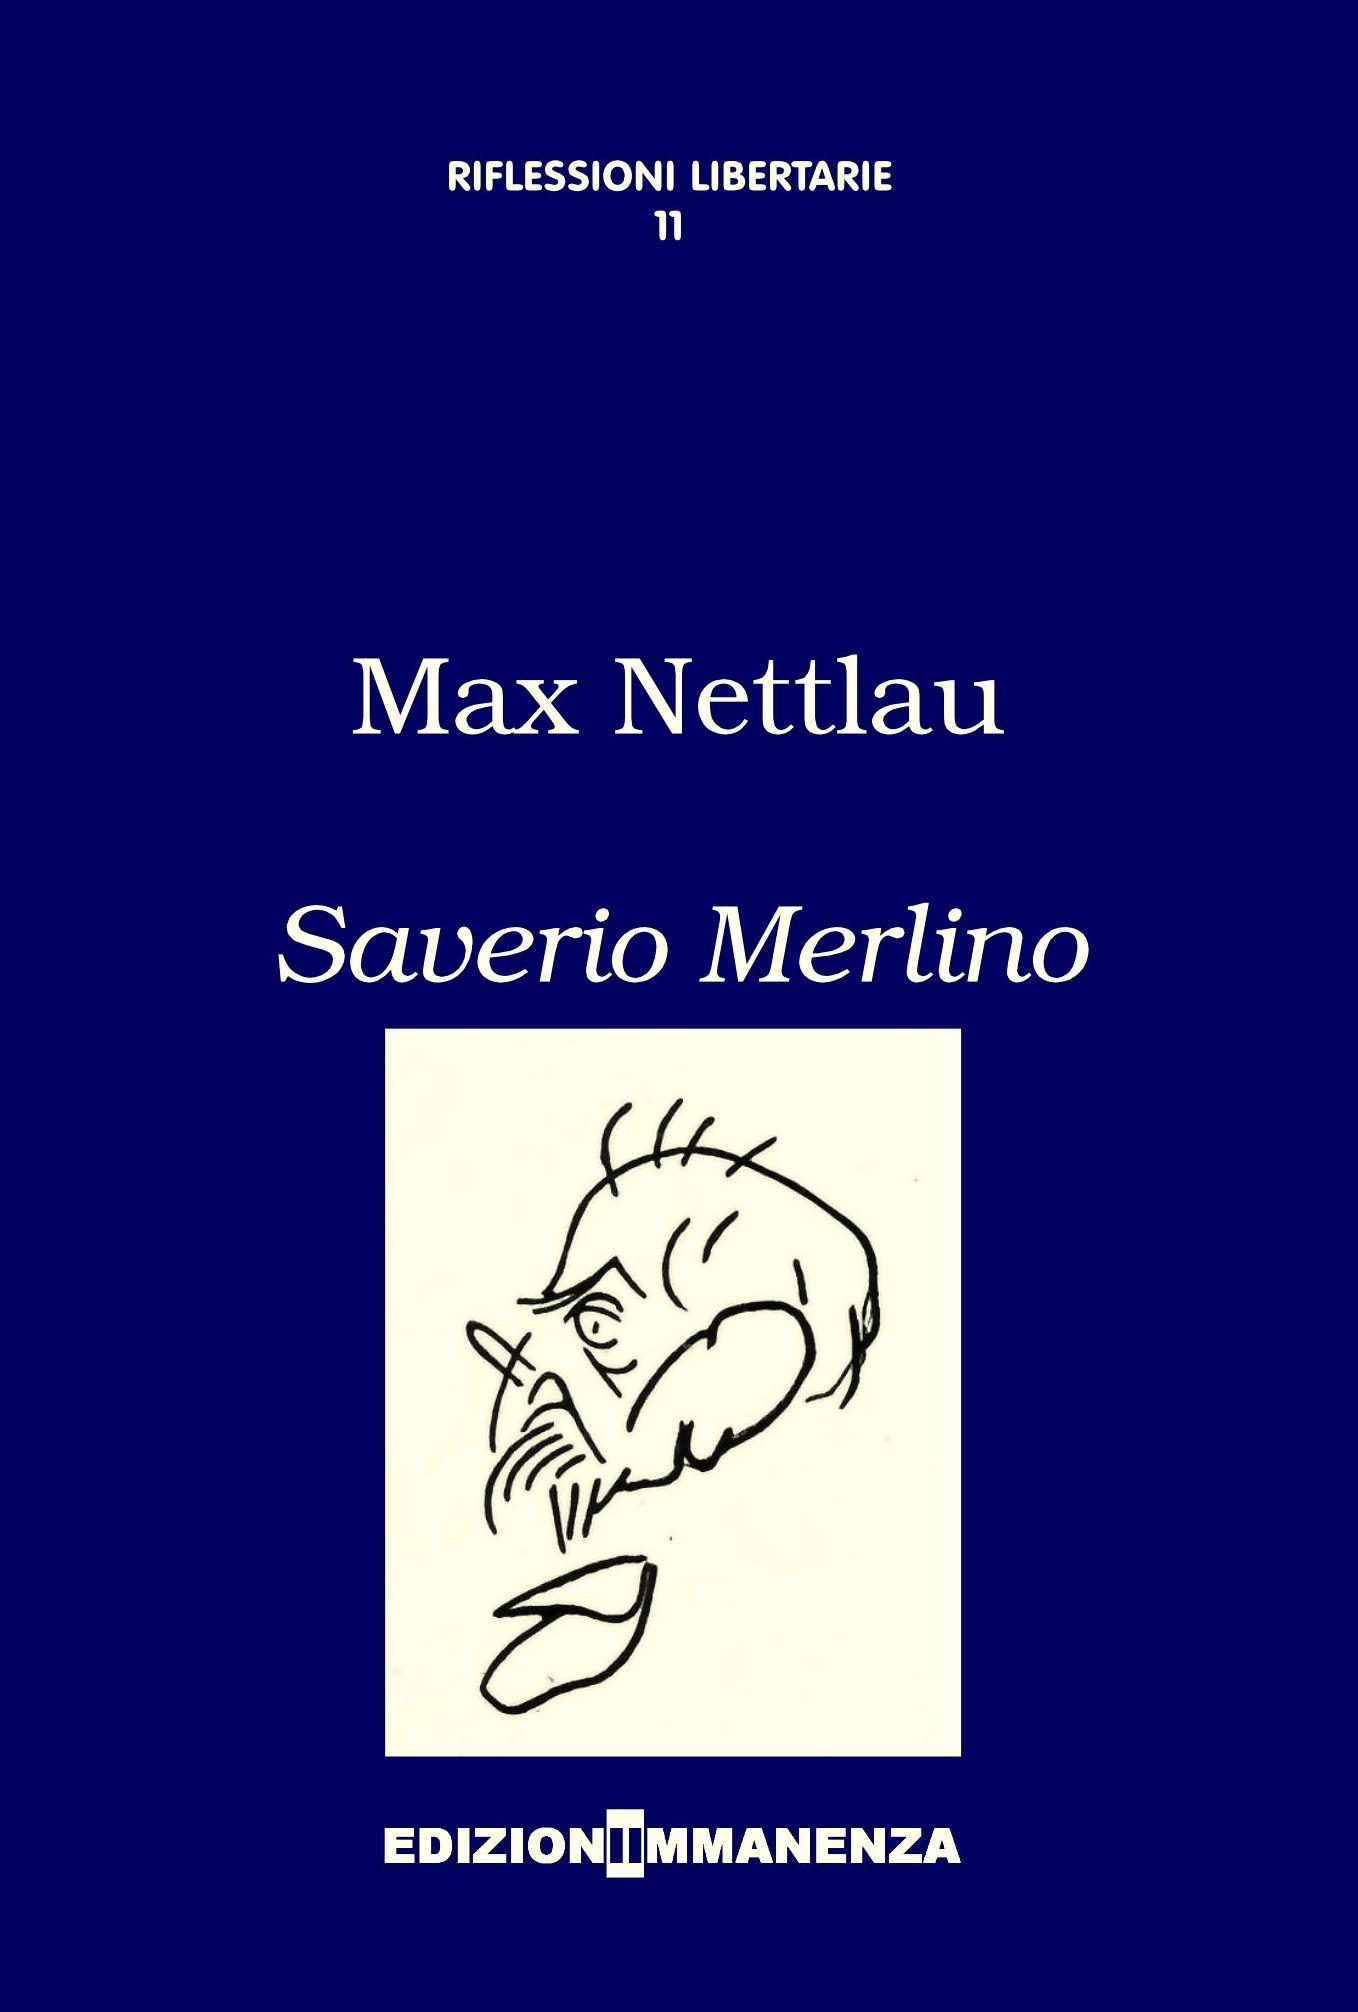 Saverio Merlino